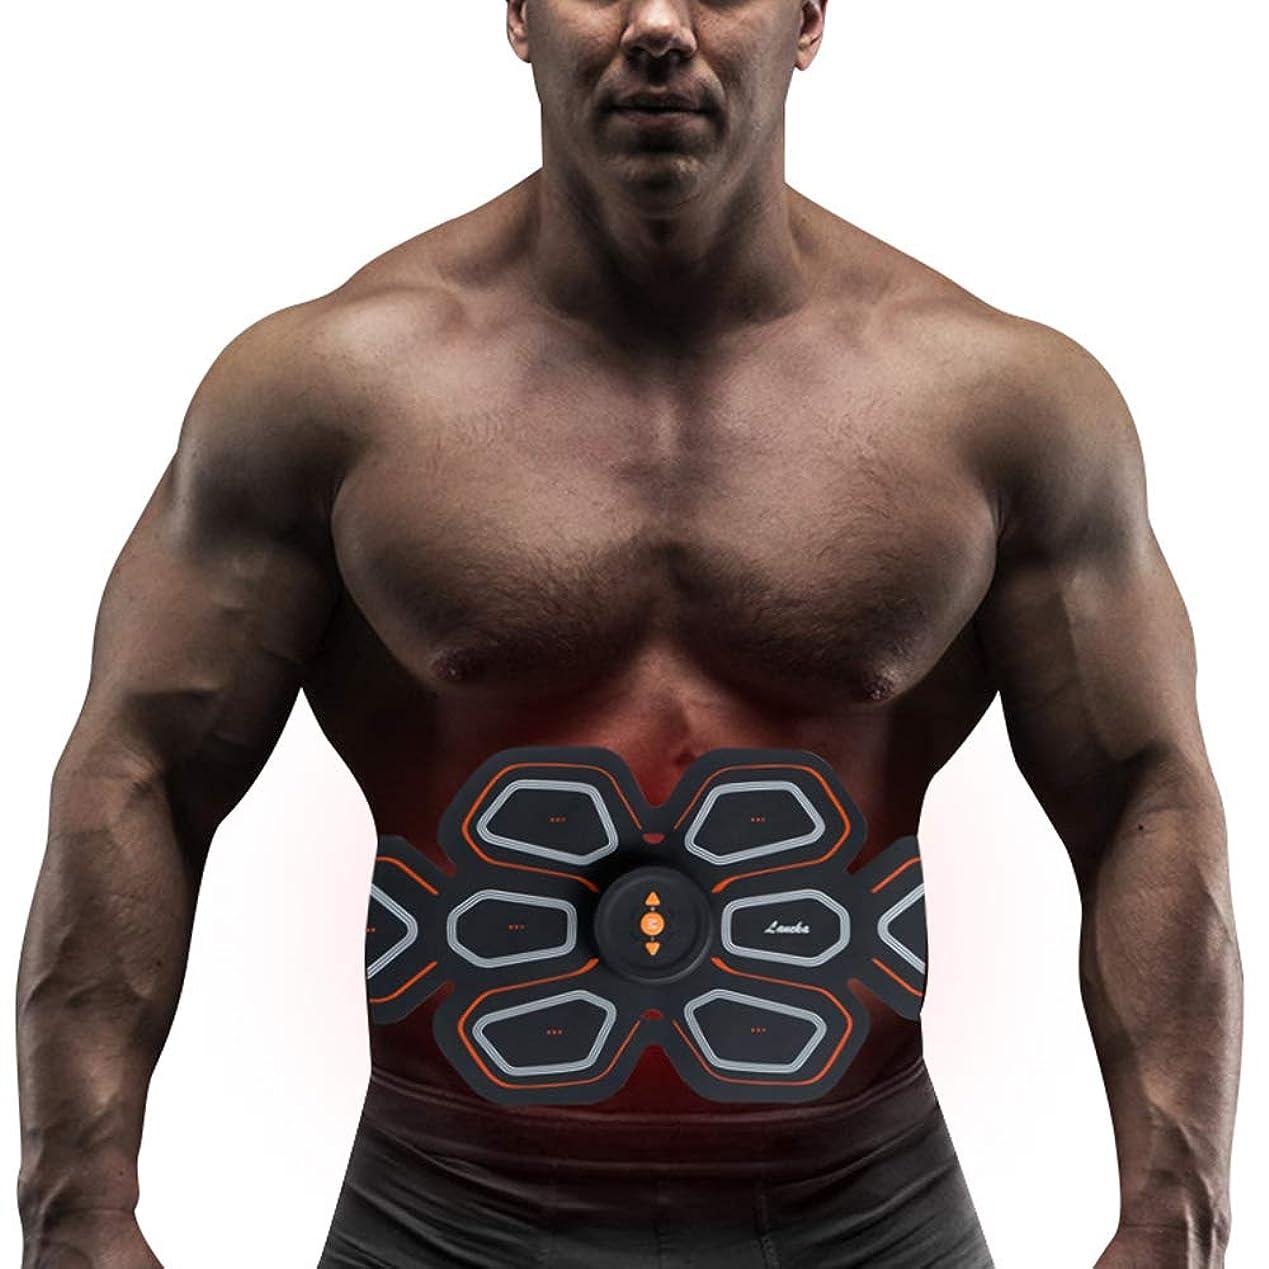 かろうじて取る印象派スマート腹部筋肉トレーナーusb電気マッサージフィットネス機器EMS筋肉刺激装置体重減少マッサージスポーツフィットネス機器ユニセックス